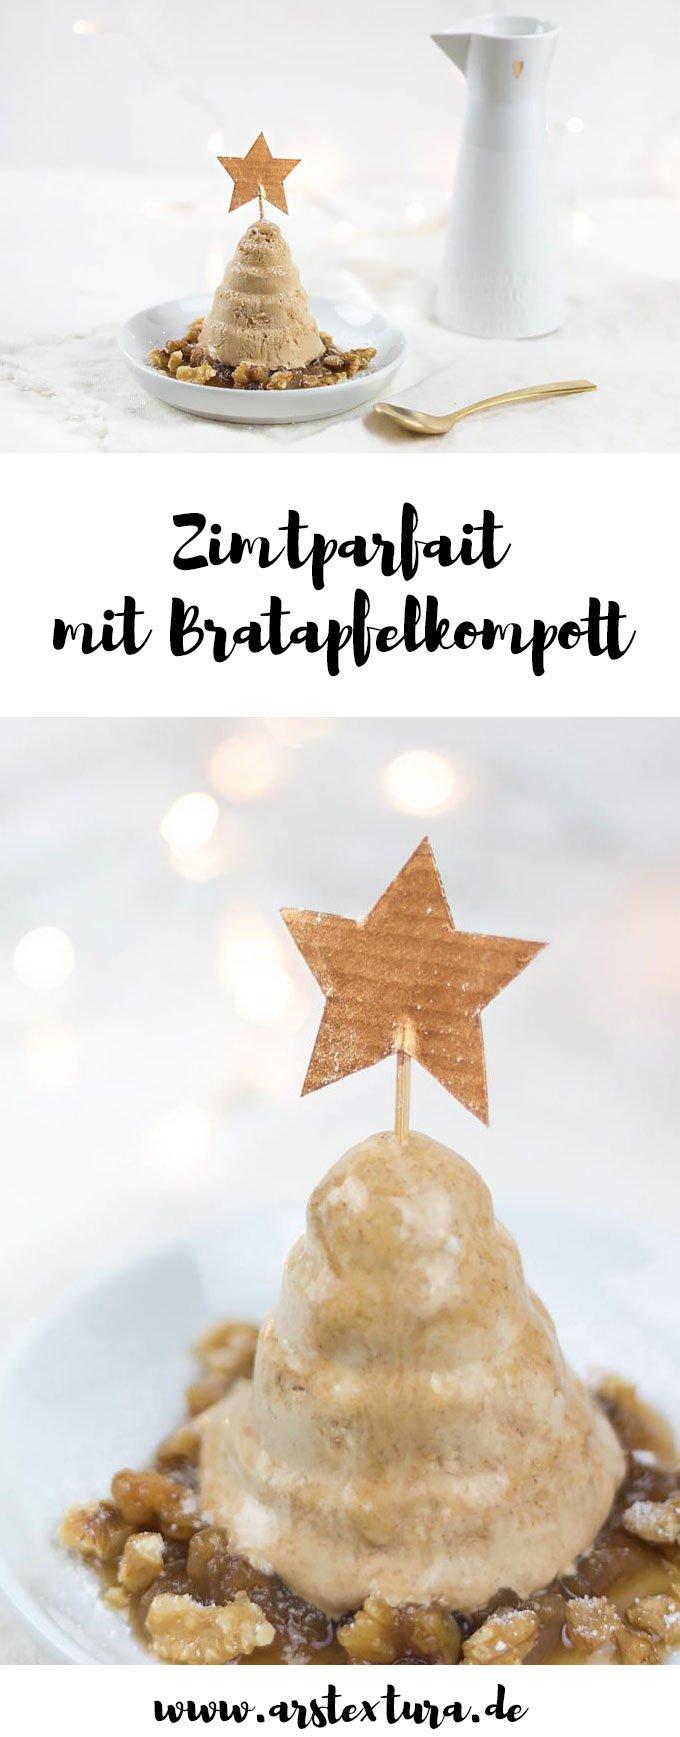 Zimtparfait mit Bratapfelkompott - Weihnachtsrezept